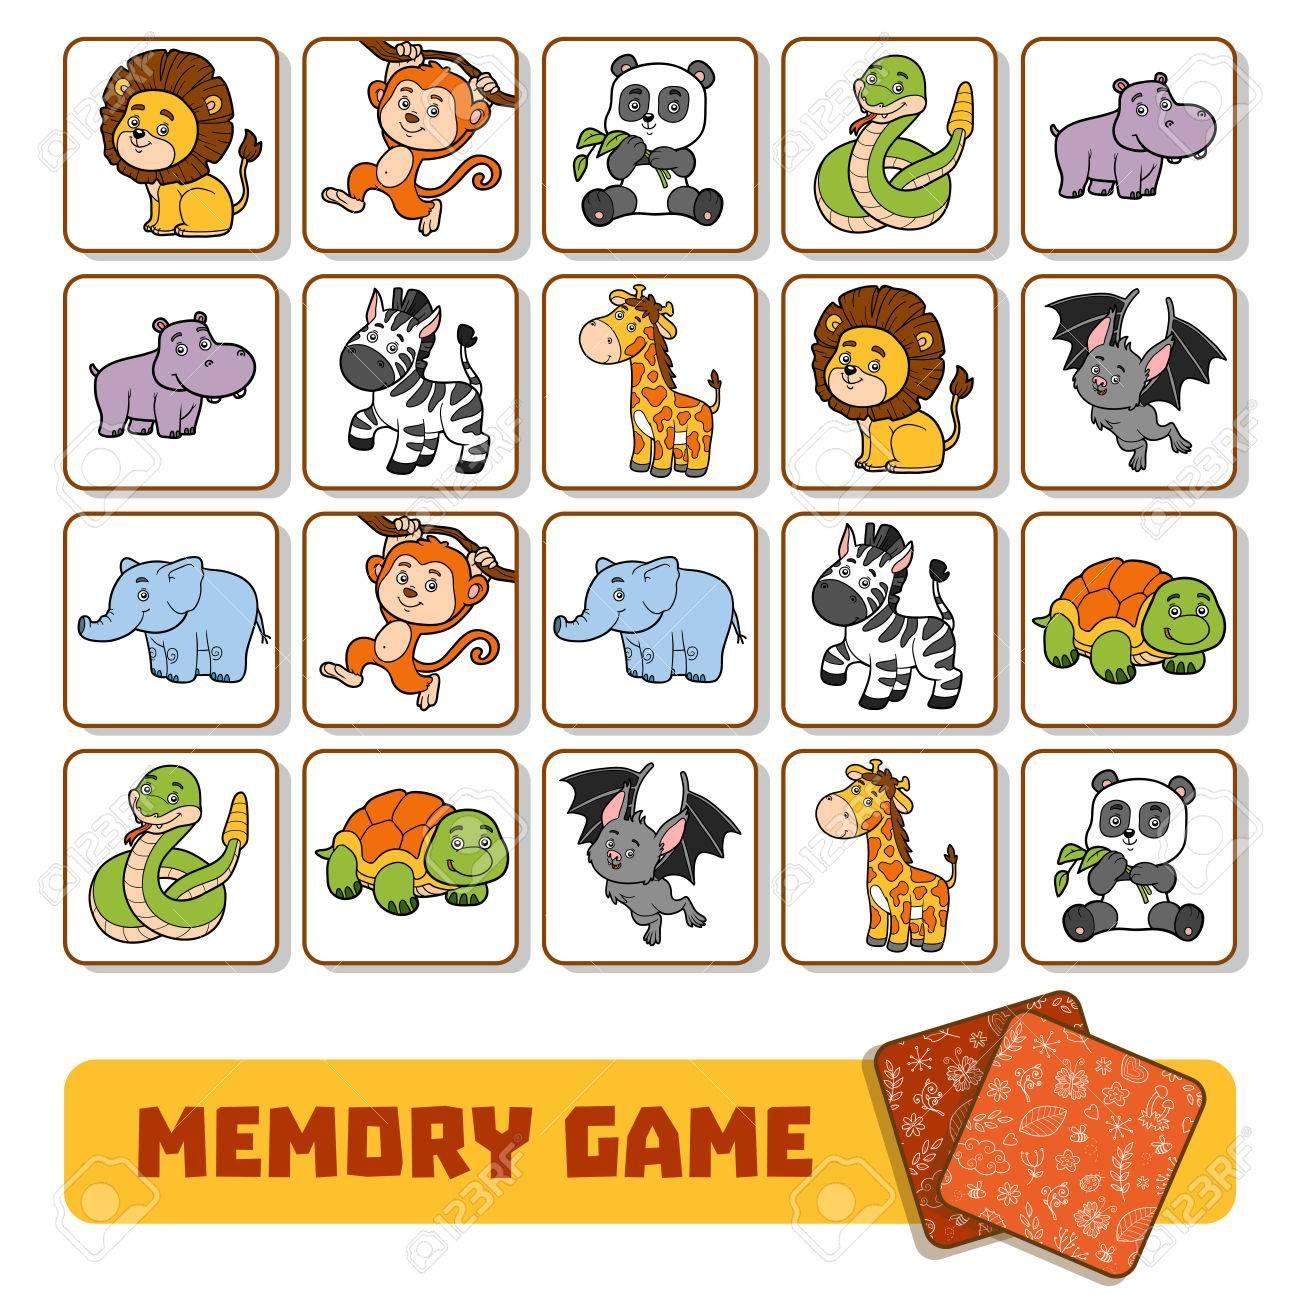 Juego De Memoria Para Los Niños En Edad Preescolar Tarjetas De Vectores Con Animales De Zoológico Juegos De Animales Animales De Zoológico Loteria De Animales